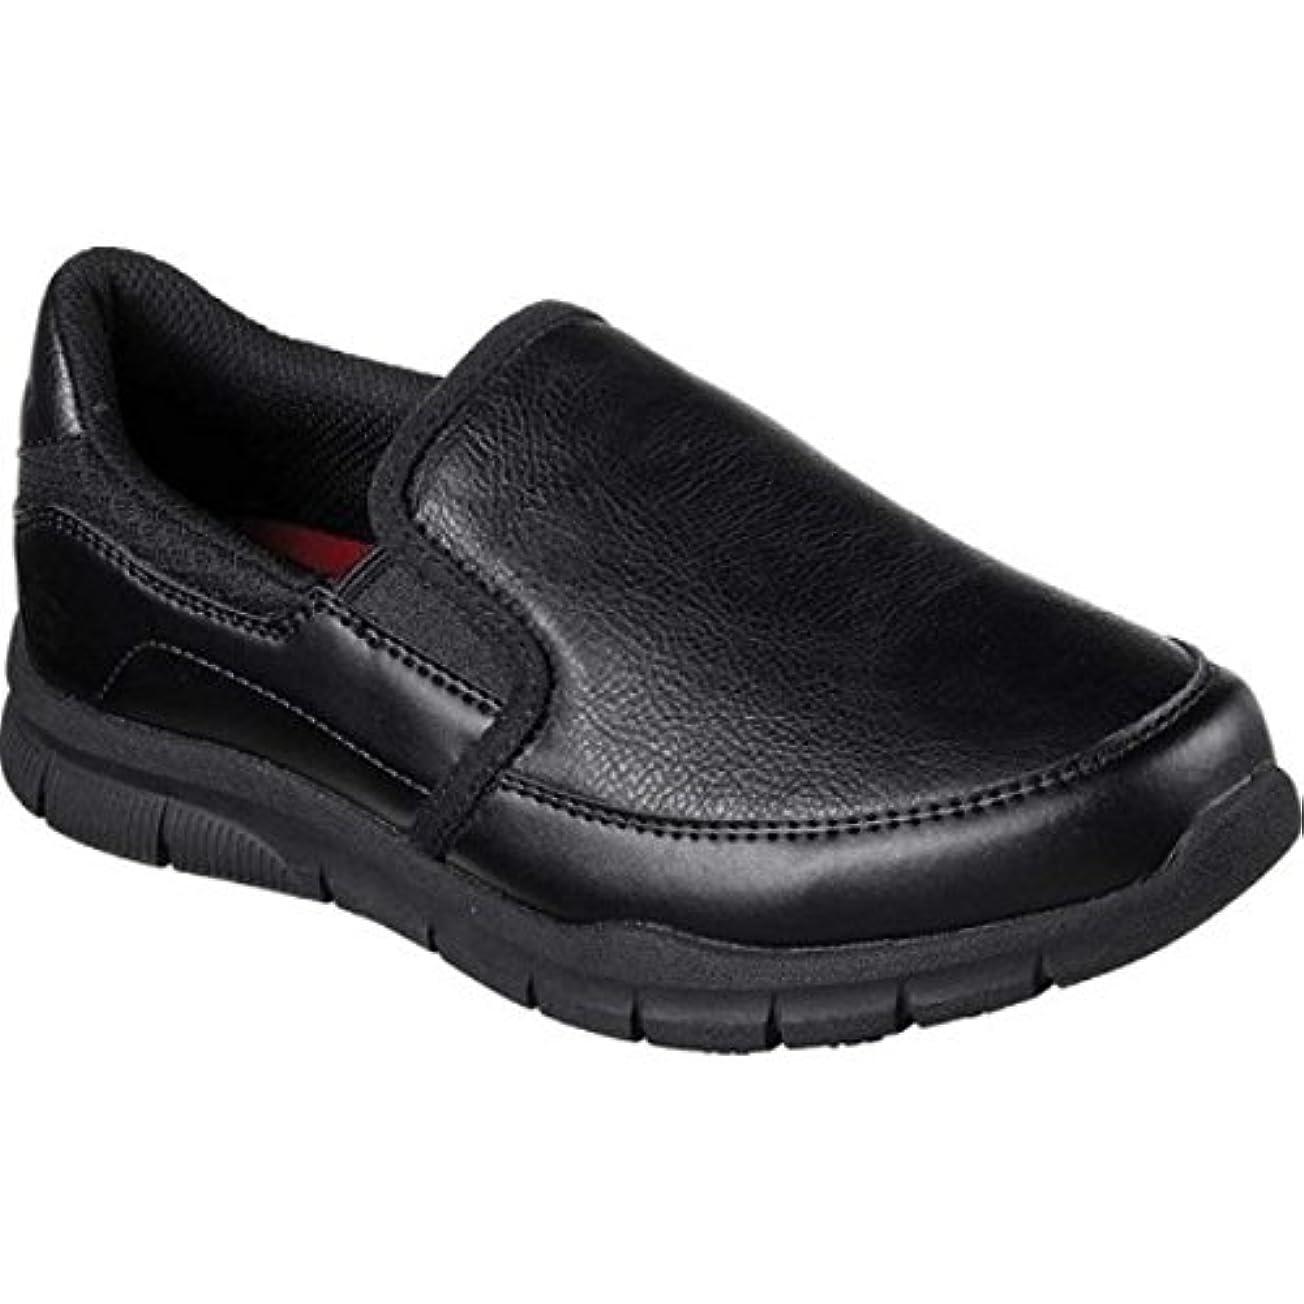 雷雨まともな被害者(スケッチャーズ) Skechers レディース シューズ?靴 Work Relaxed Fit Nampa Annod Slip Resistant Shoe [並行輸入品]